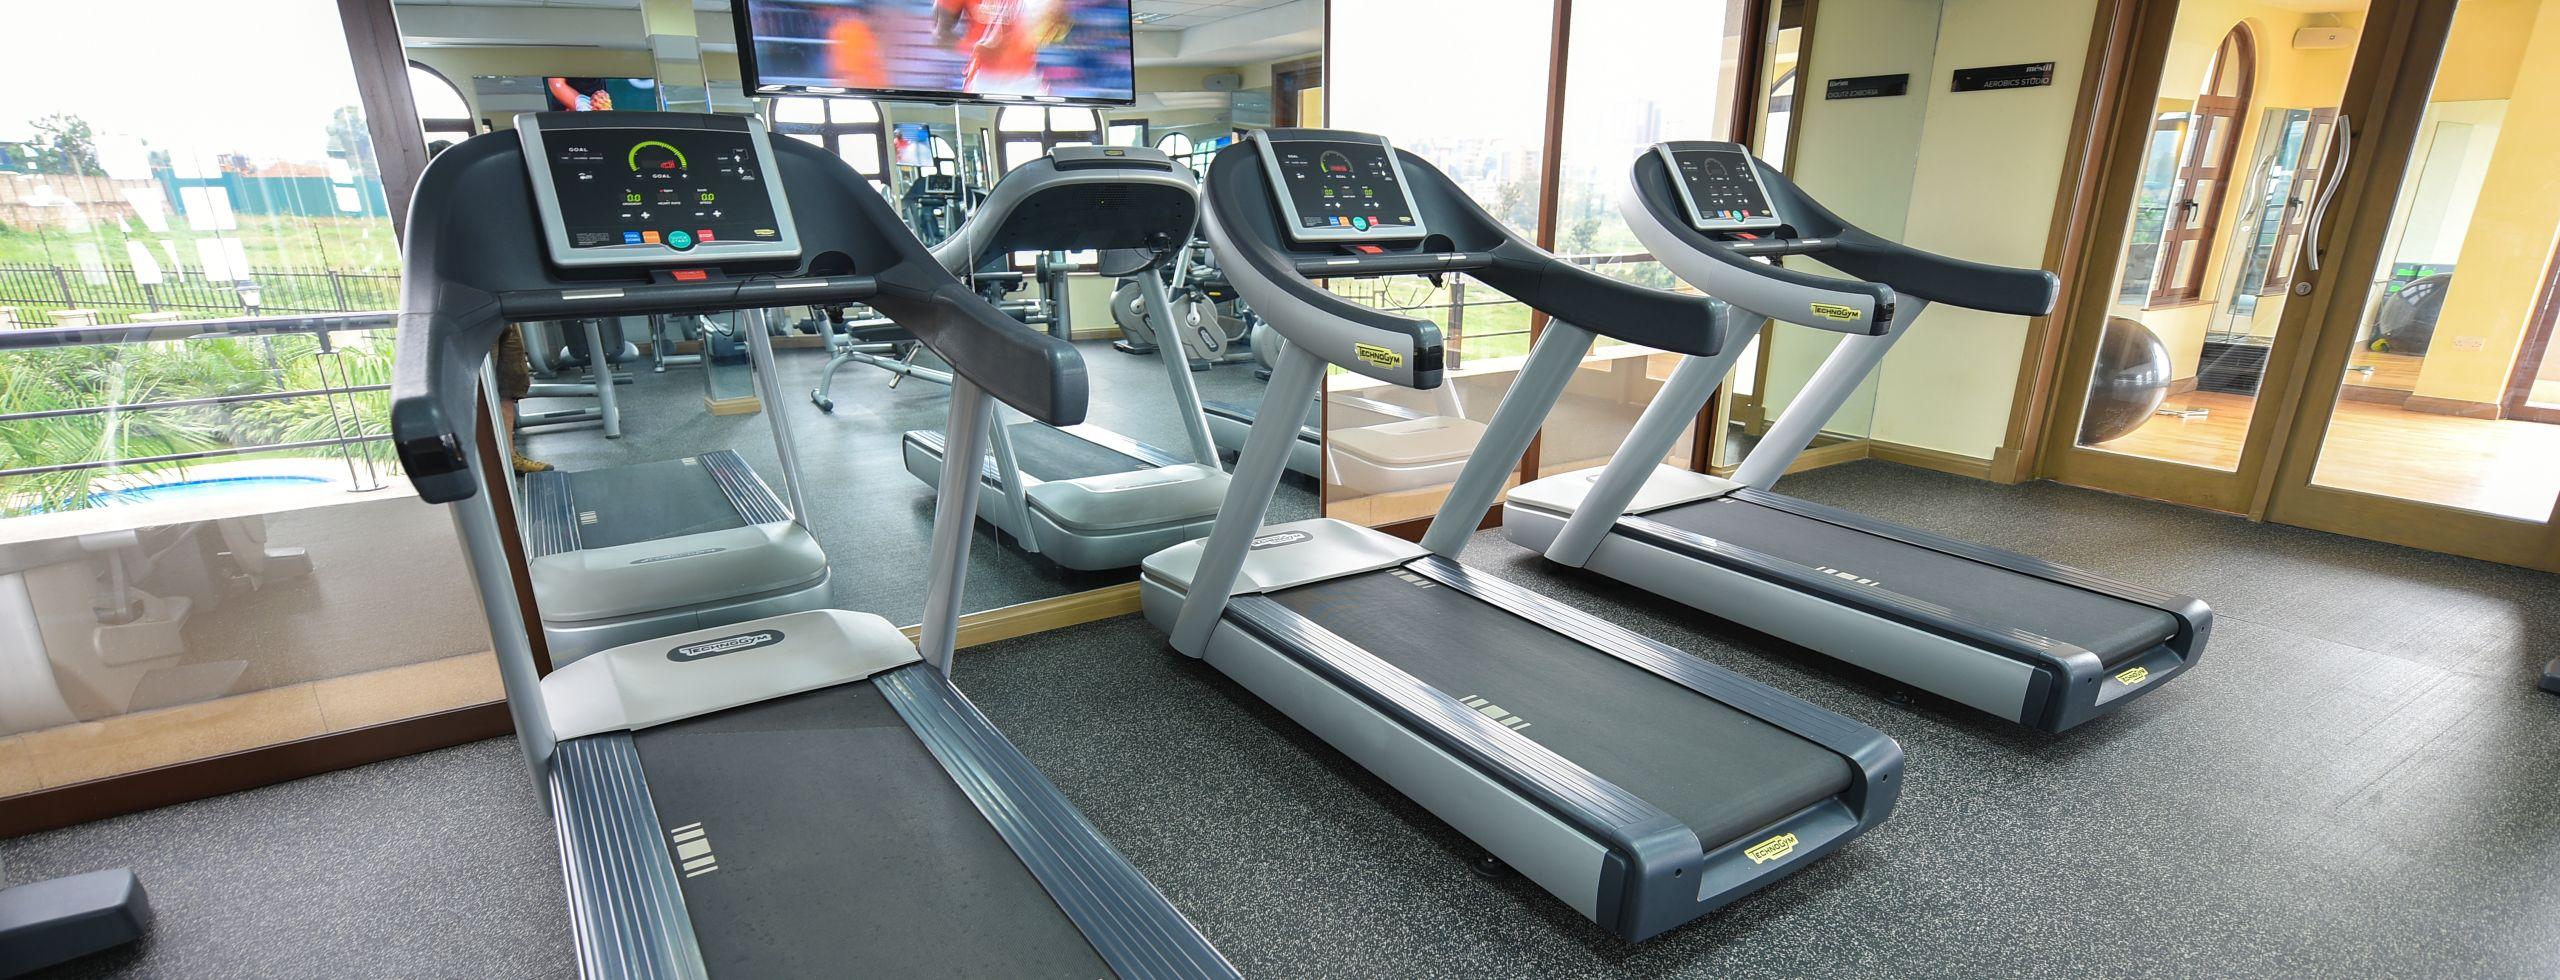 Services Gym 2 running